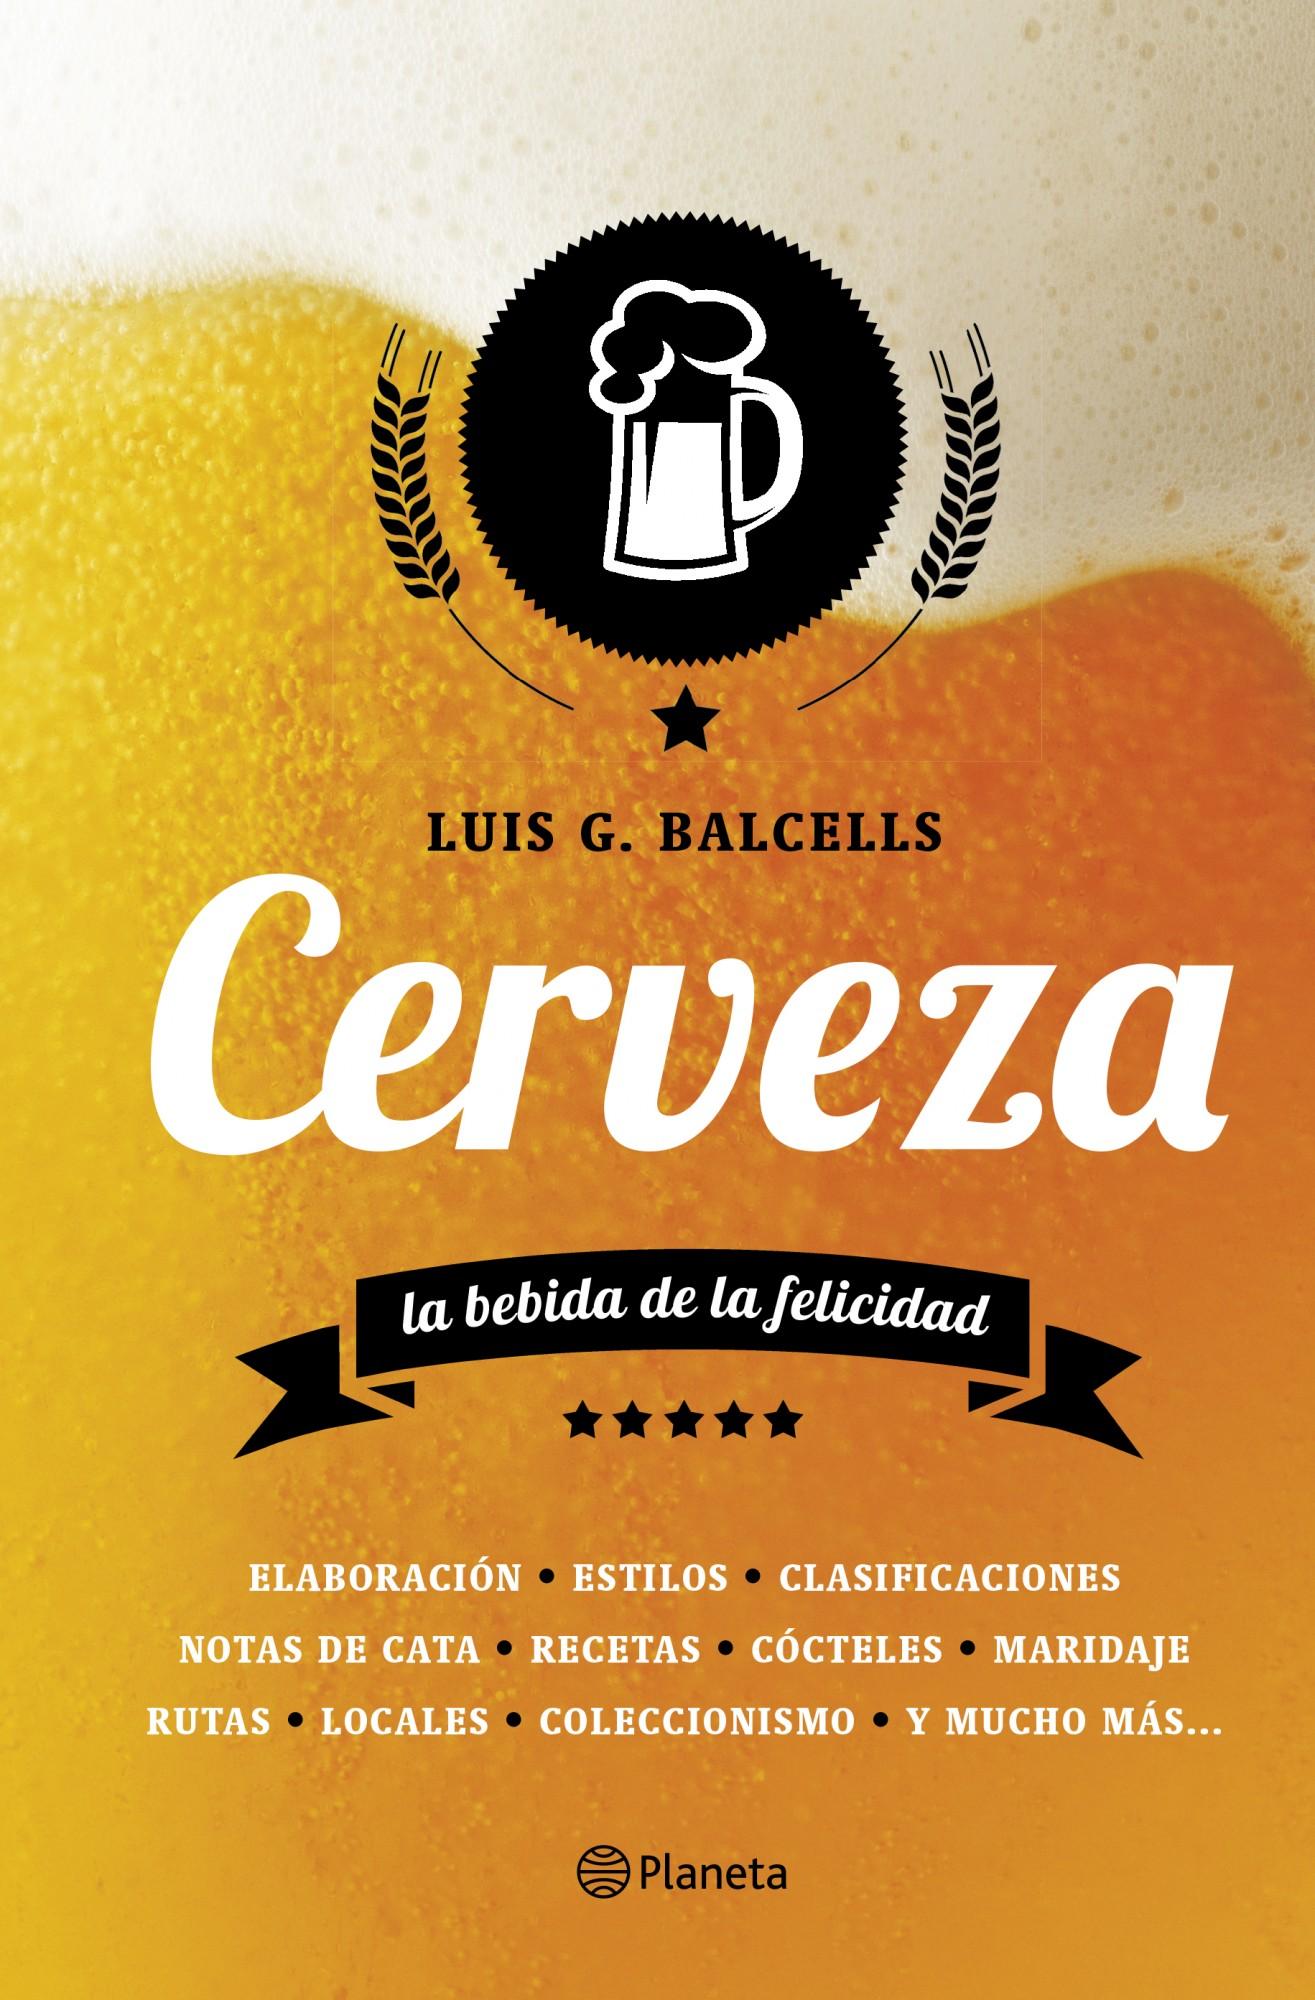 5 Libros sobre cerveza que todo conocedor debe leer - Blog